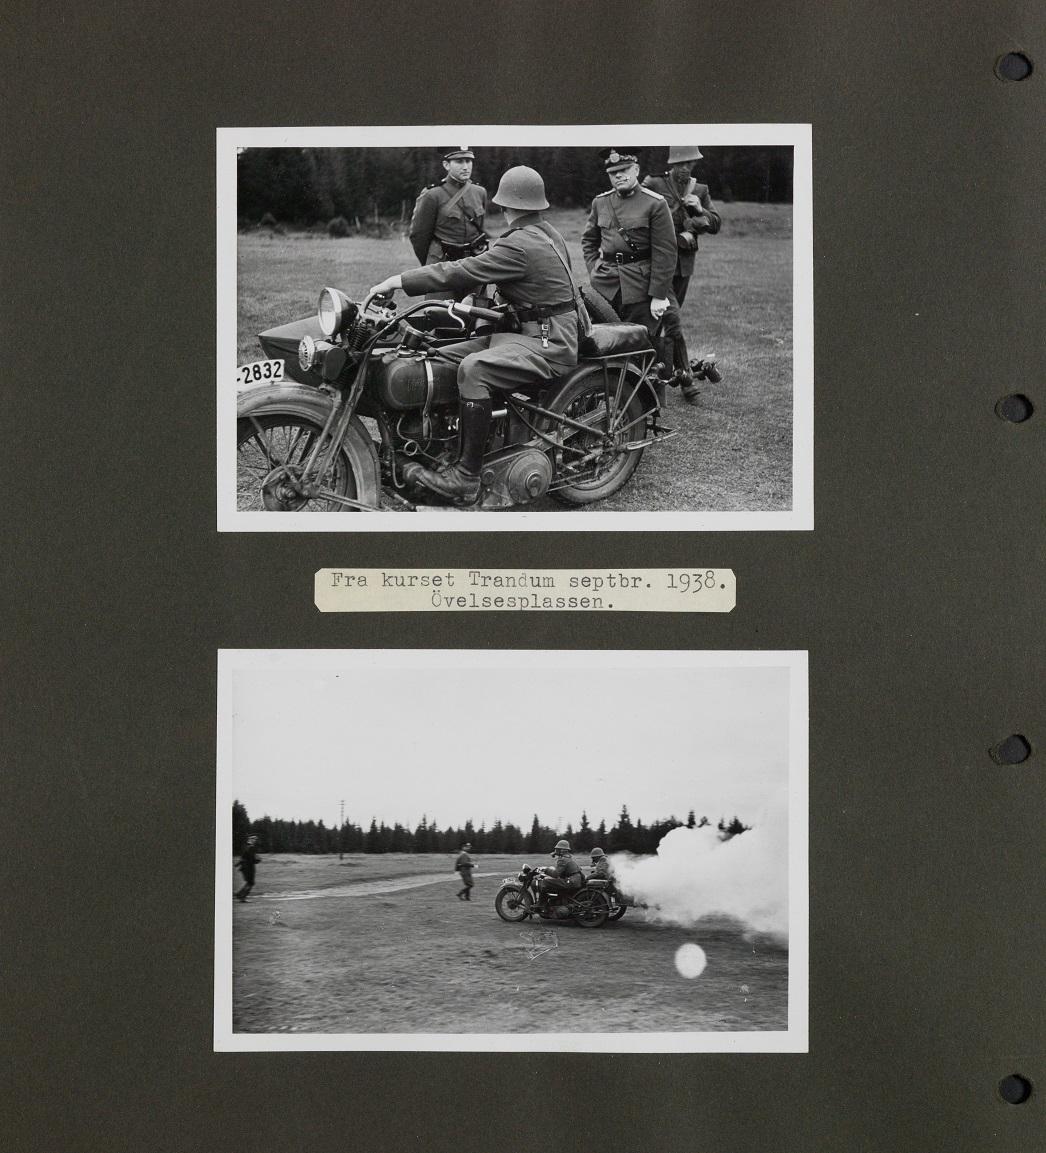 Bildet er en kopi hentet fra album X i Utrykningspolitiets fotosamling